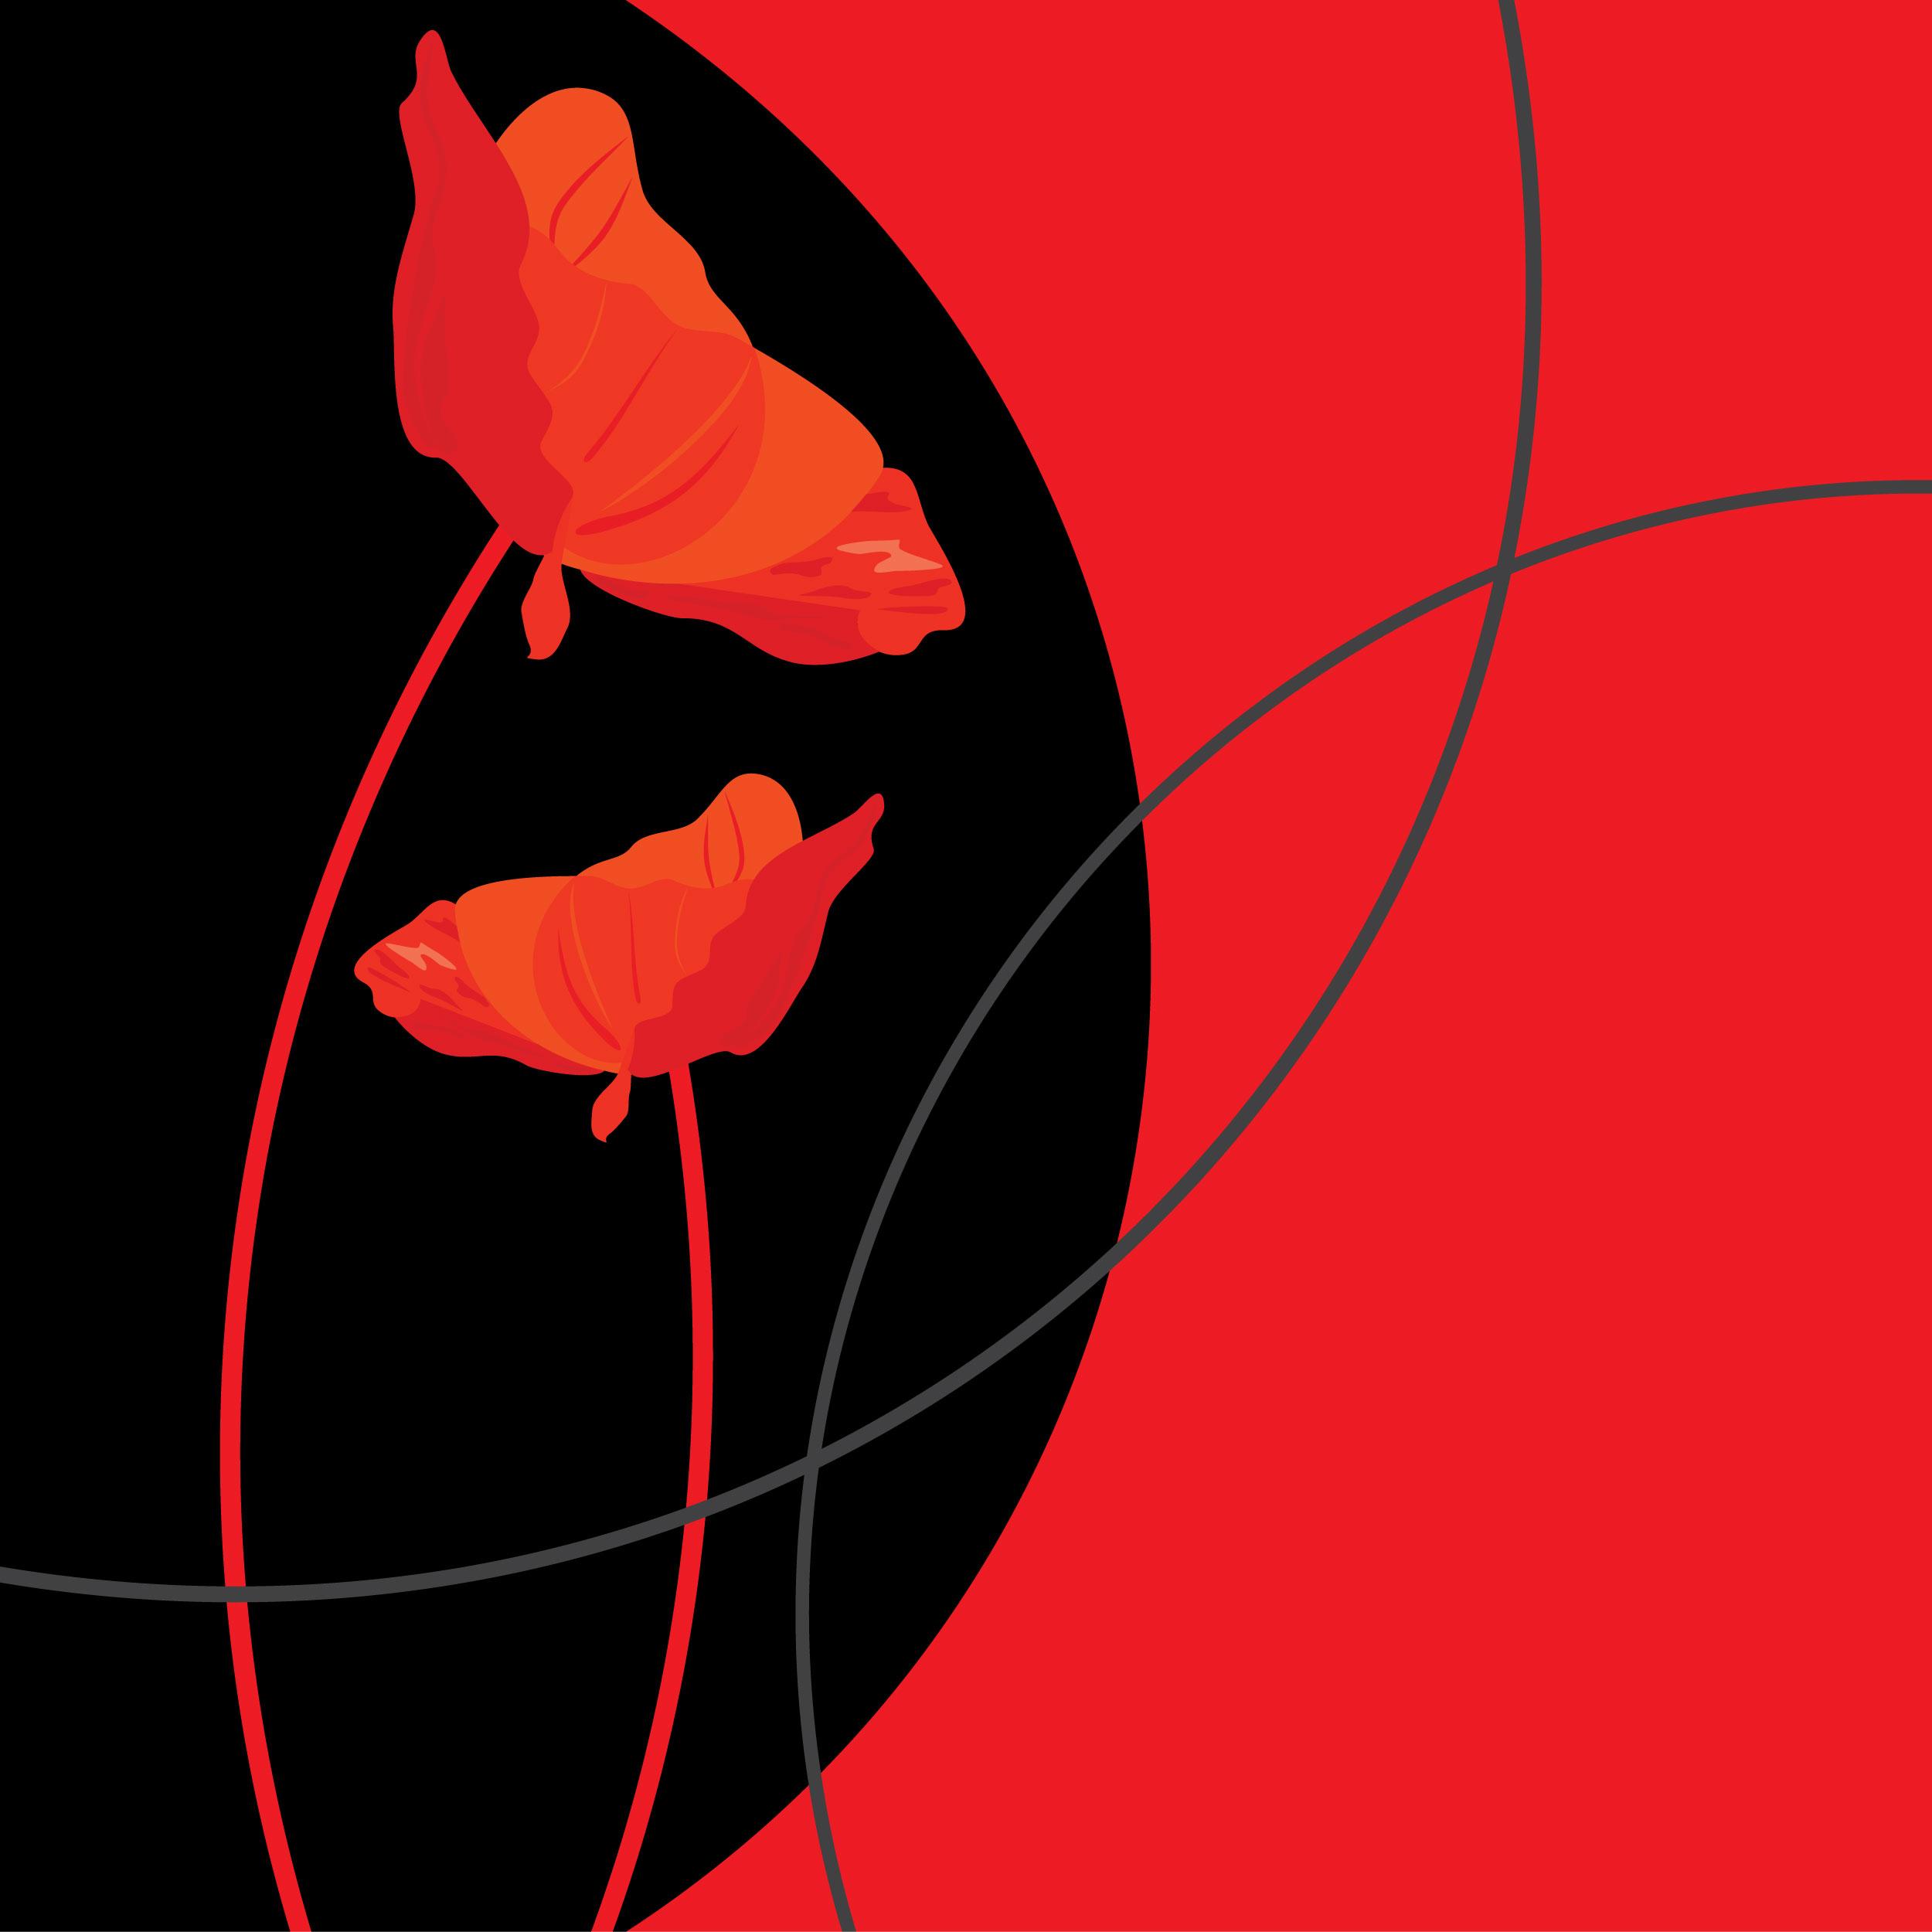 花のイラスト フリー素材 壁紙 背景no 760 赤黒 ツートンカラー